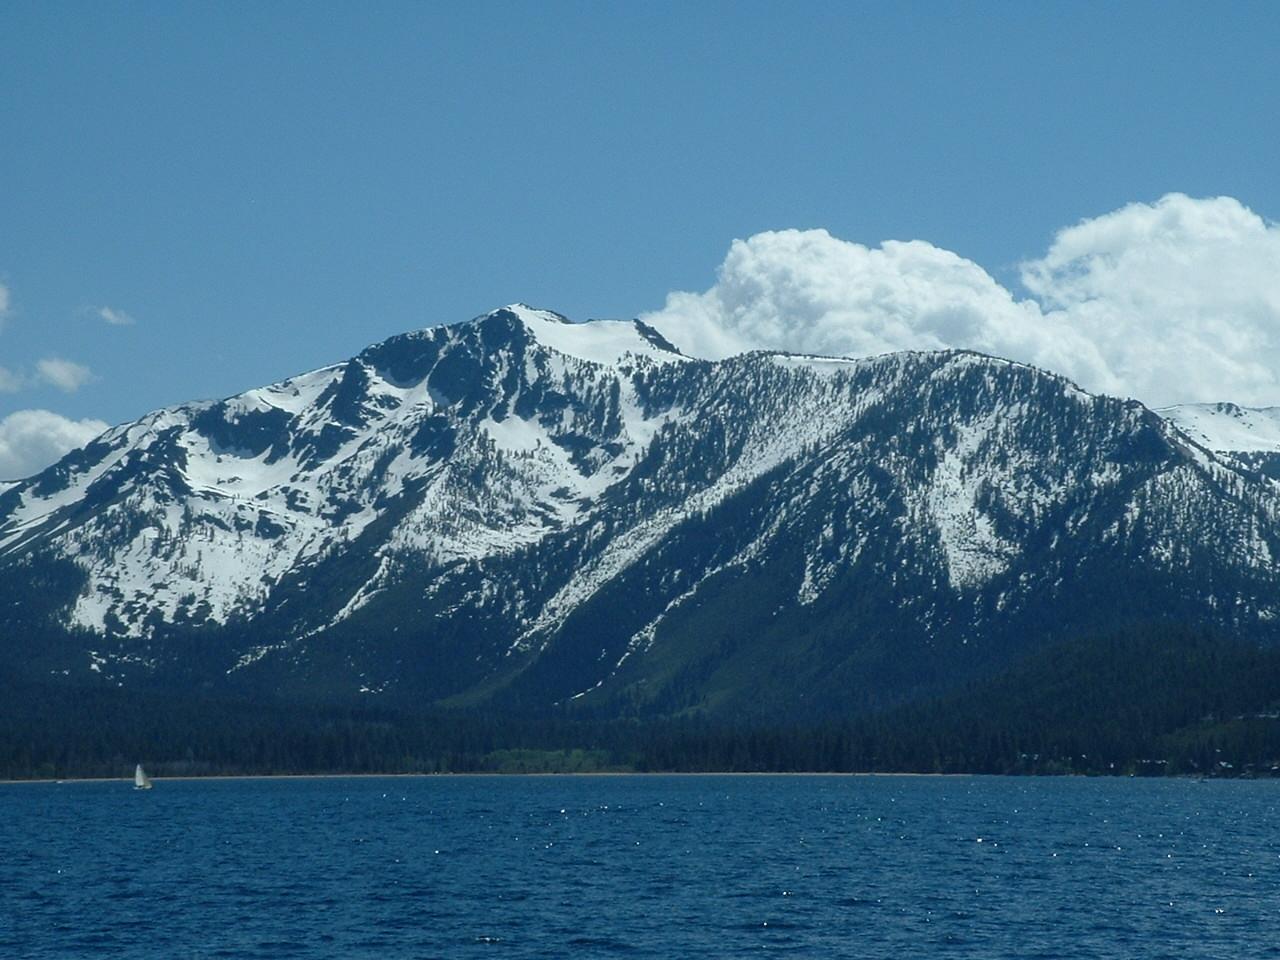 Lake Tahoe,California